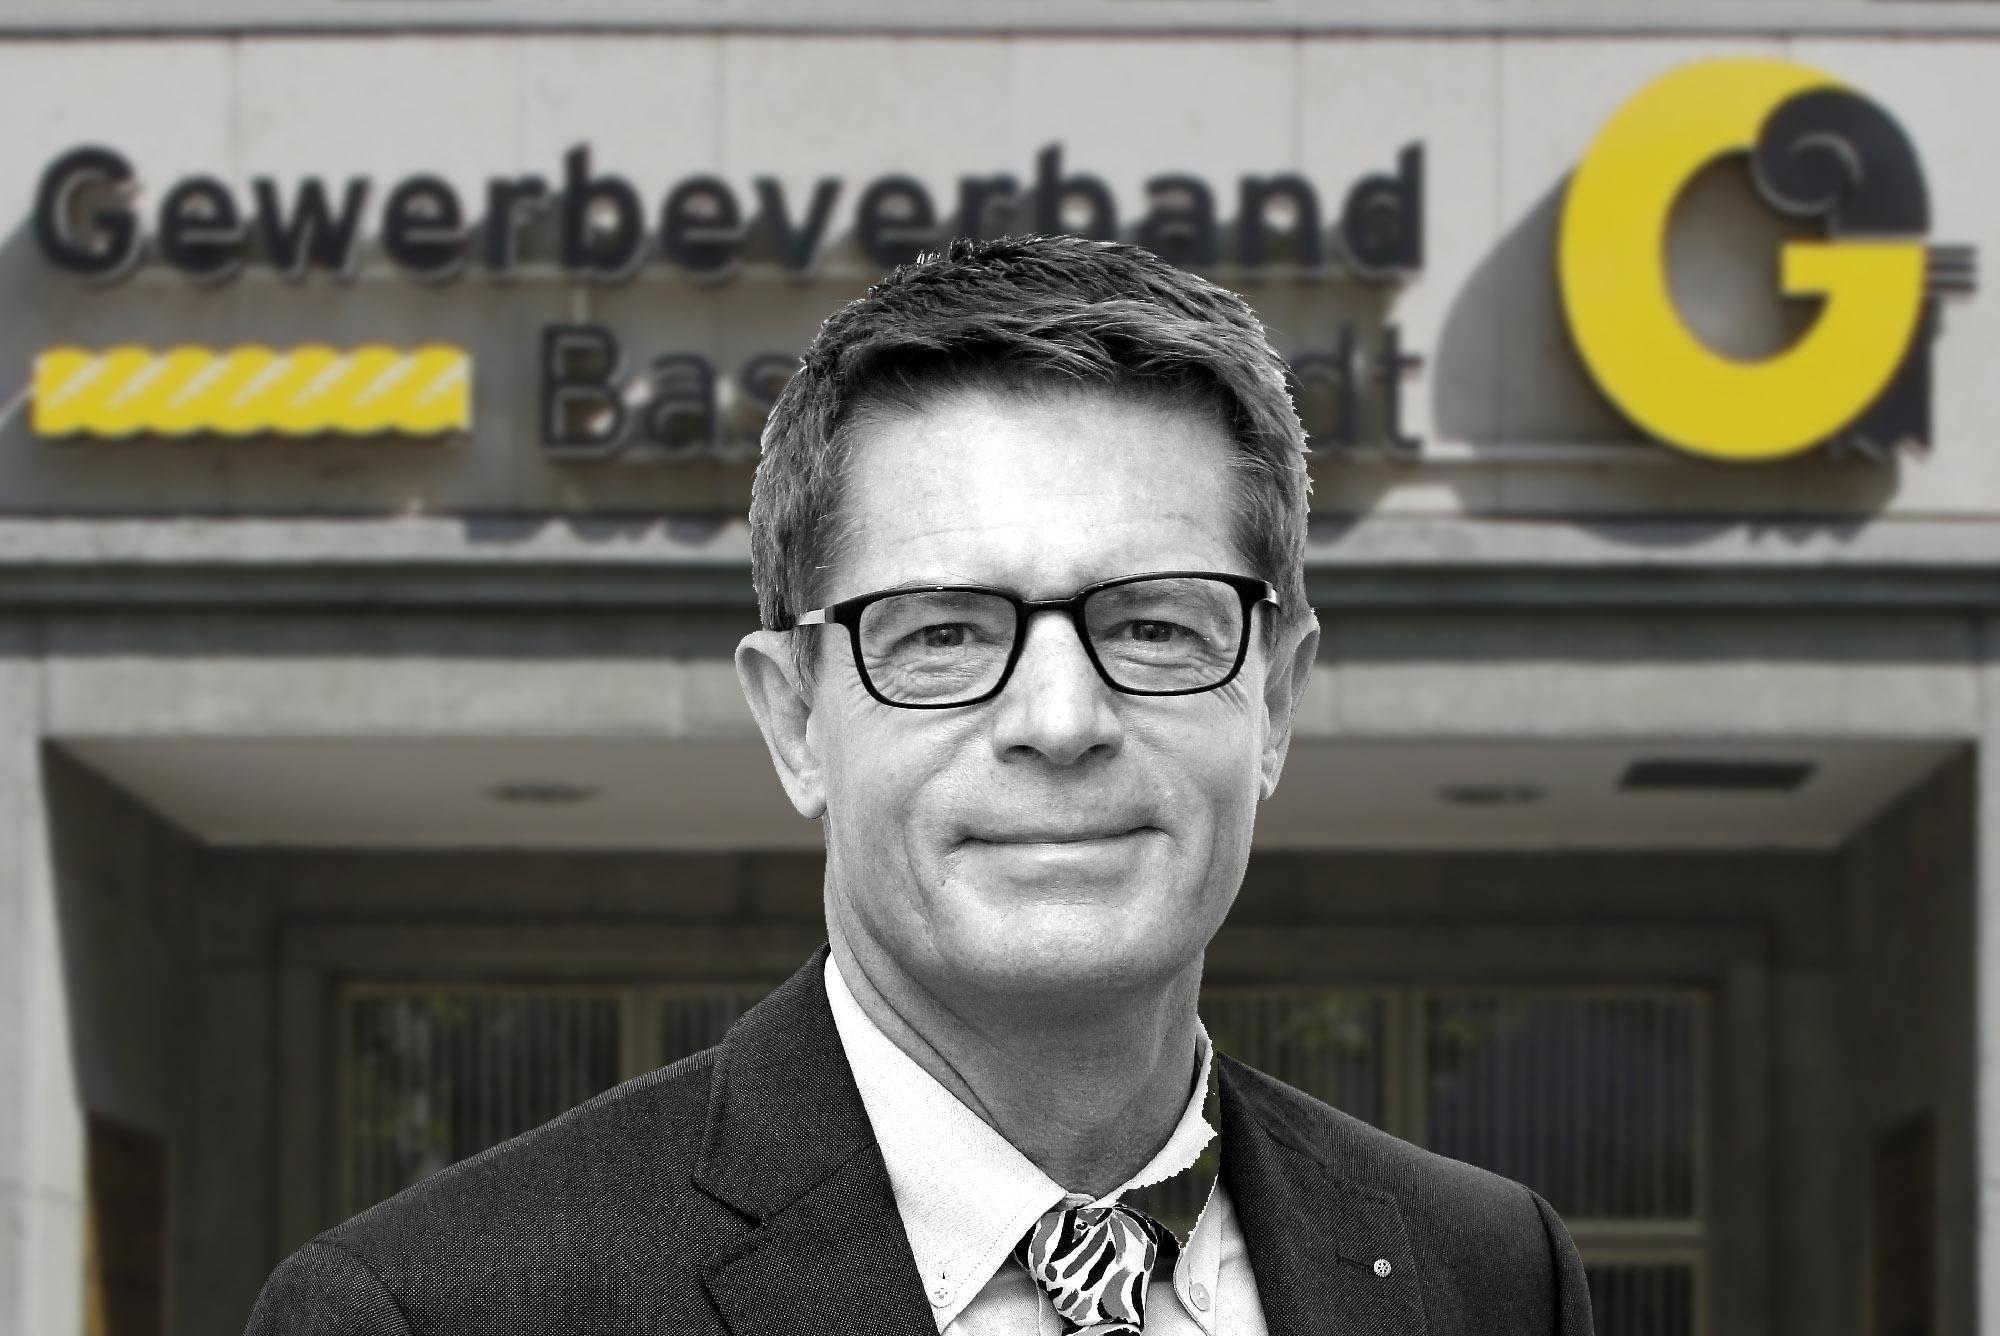 Die Erhöhung der Familienzulagen habe in einer Steuerreform nichts zu suchen: Gewerbedirektor Gabriel Barell